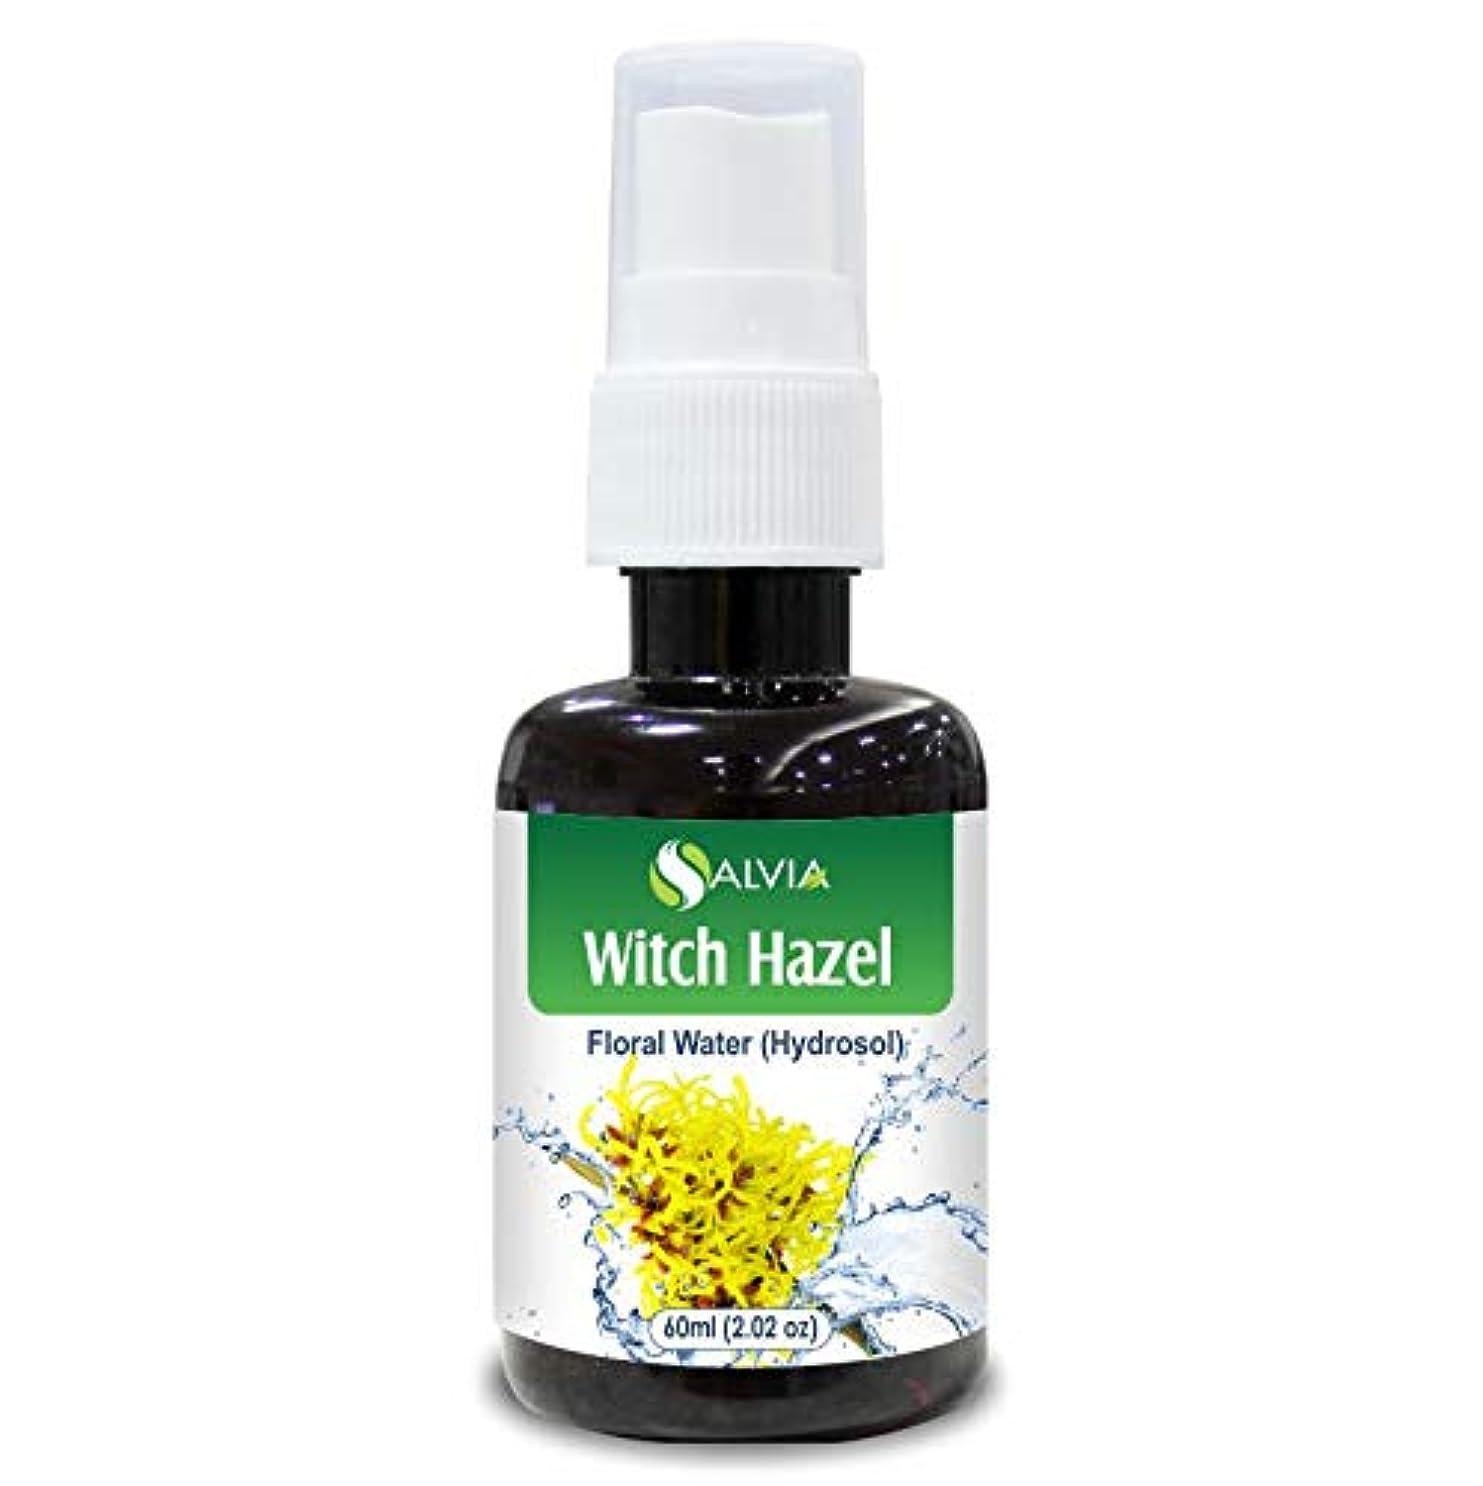 取り囲むオリエンテーション素晴らしいですWitch Hazel Floral Water 60ml (Hydrosol) 100% Pure And Natural